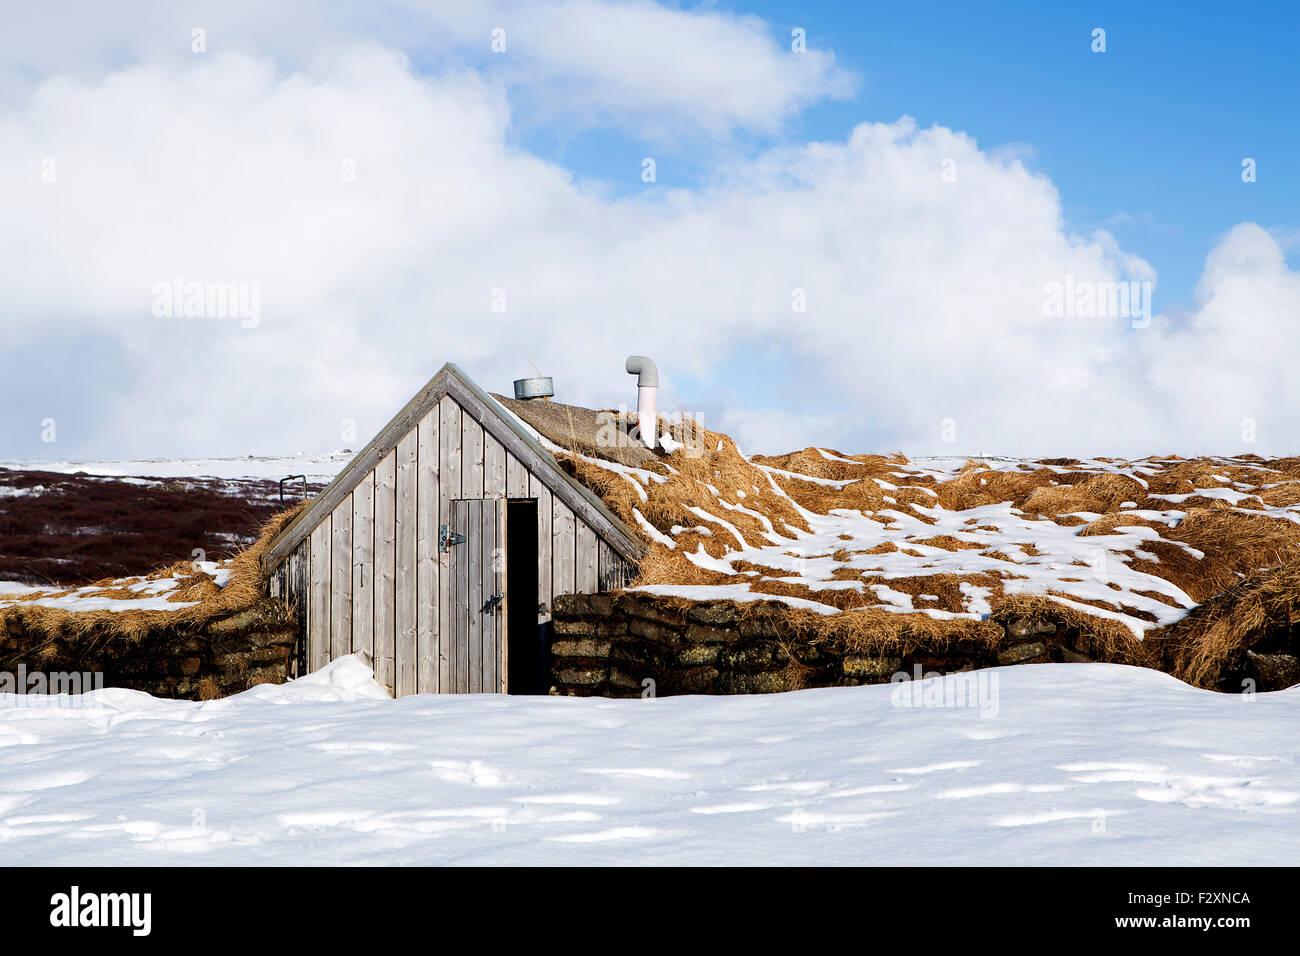 Pequeña cabaña por elfos en Islandia nevados Imagen De Stock